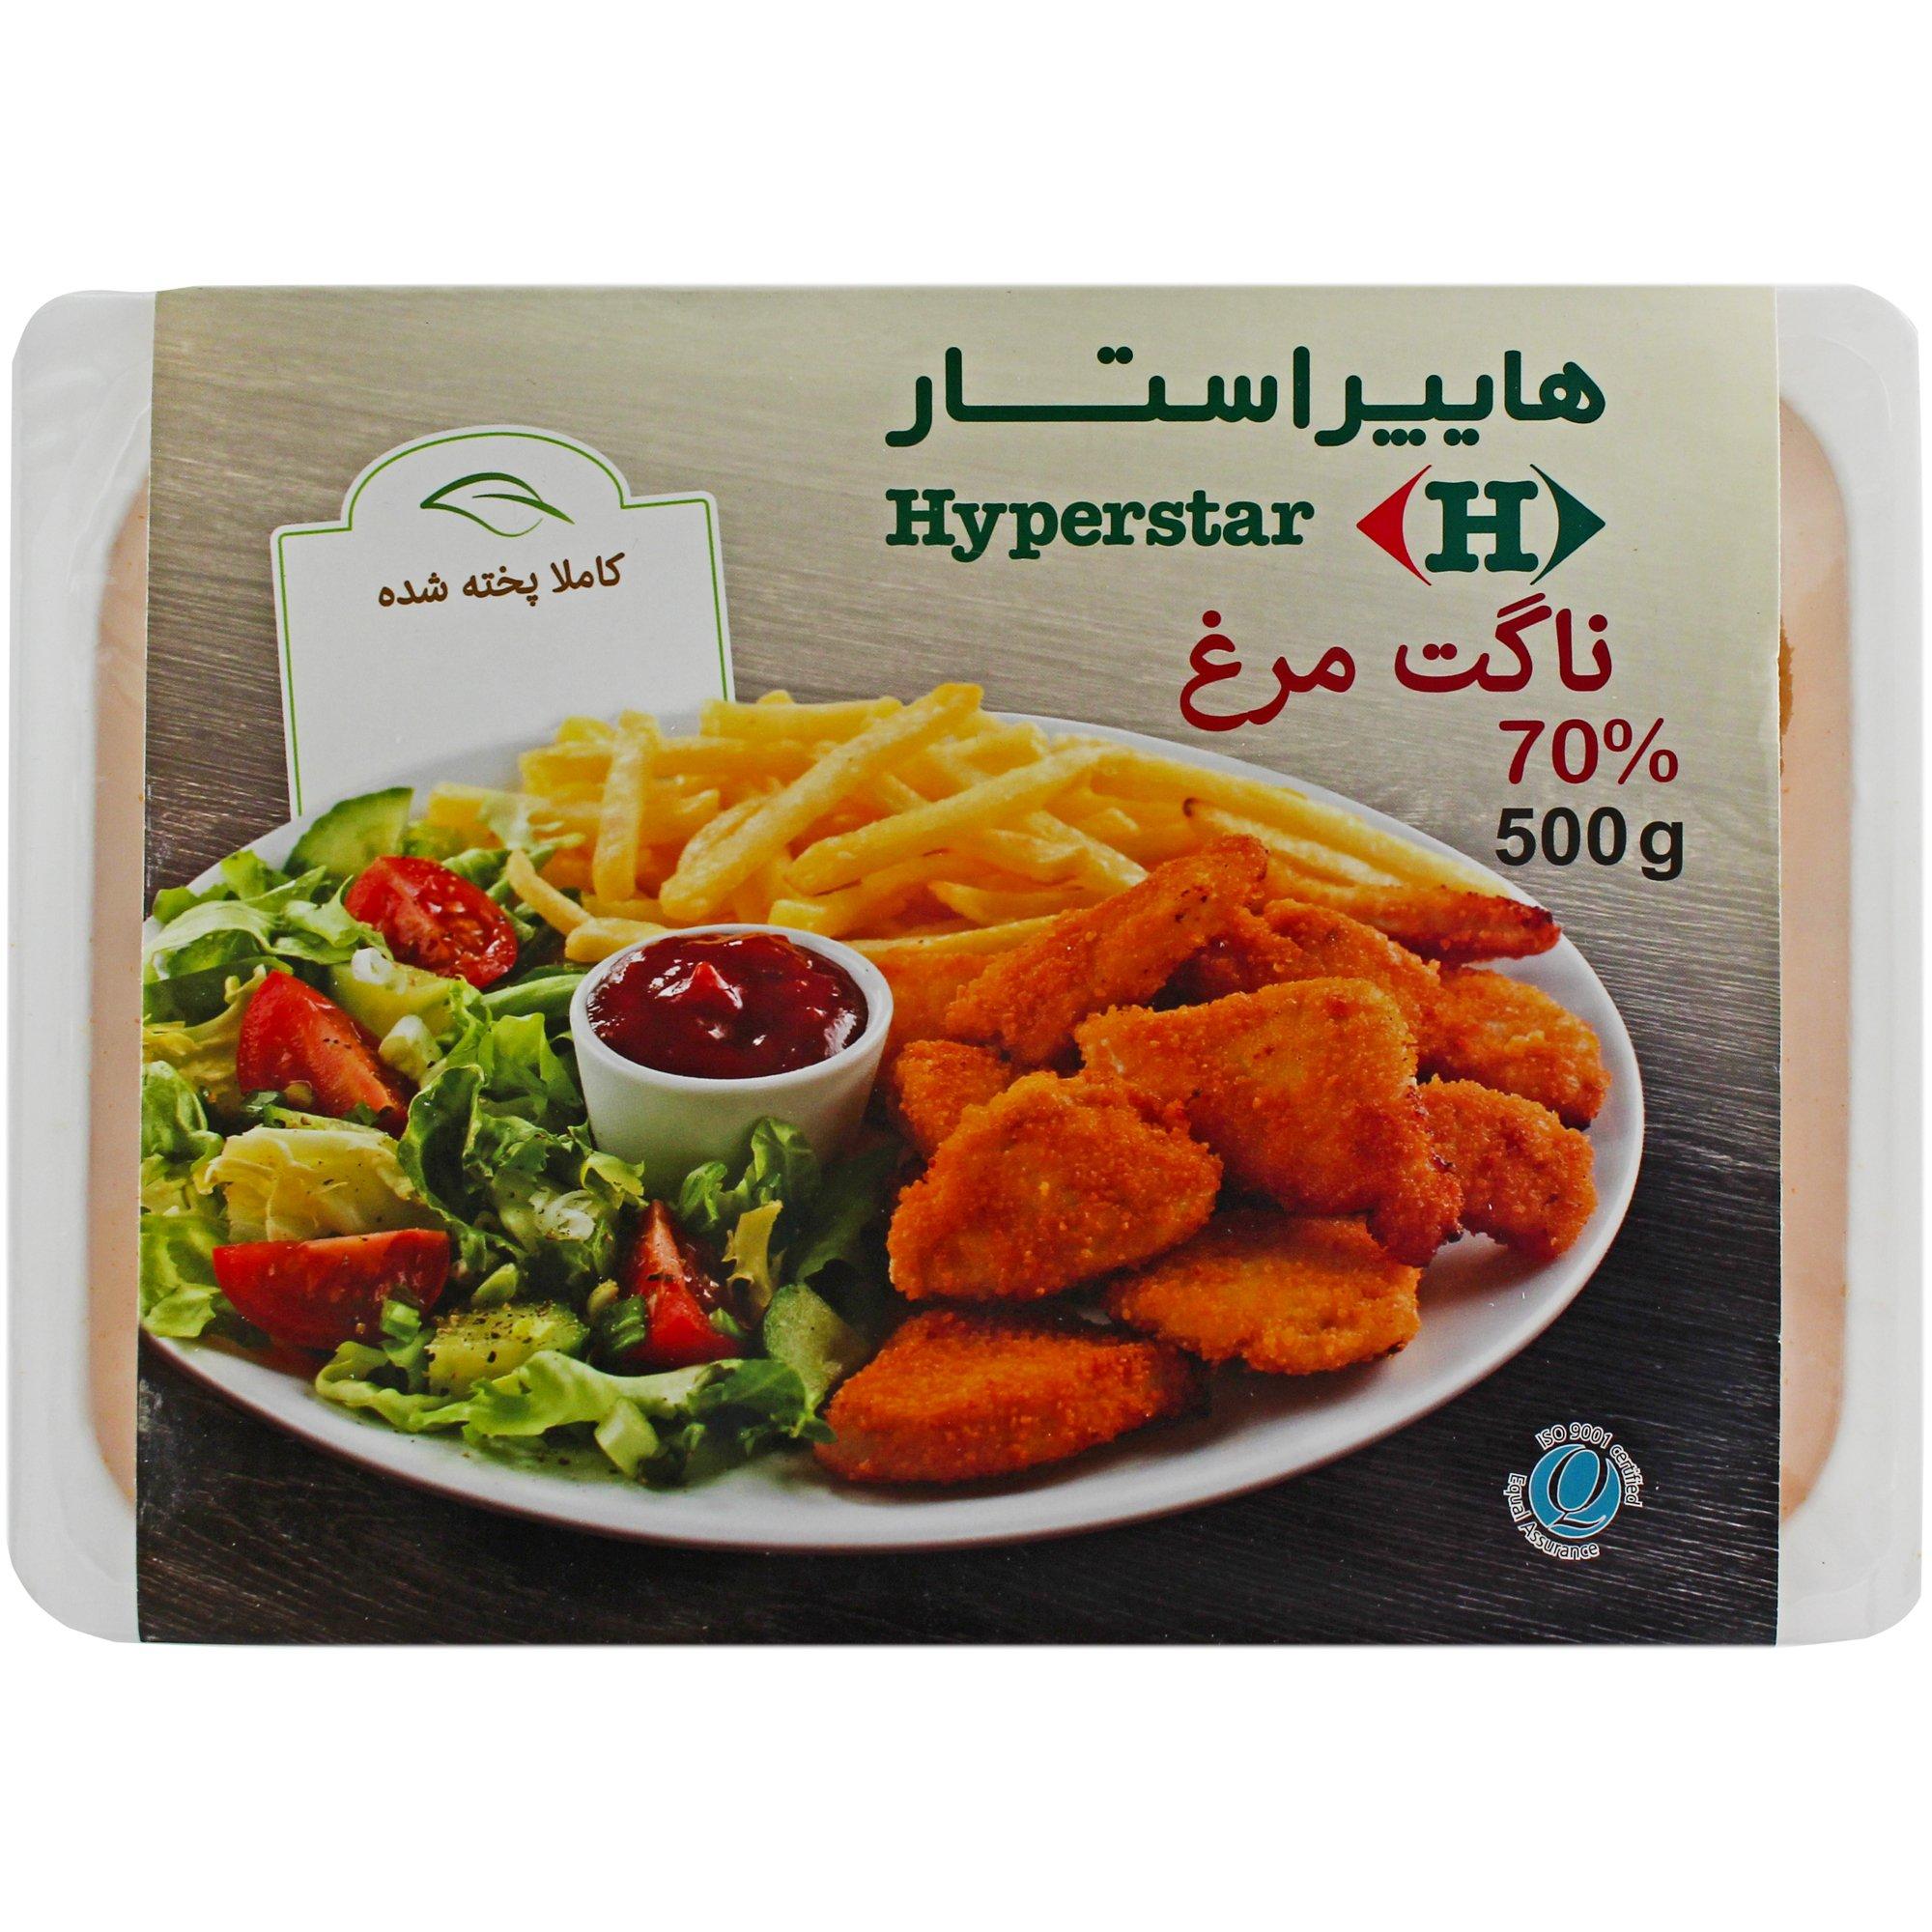 ناگت مرغ هایپراستار ۵۰۰ گرمی